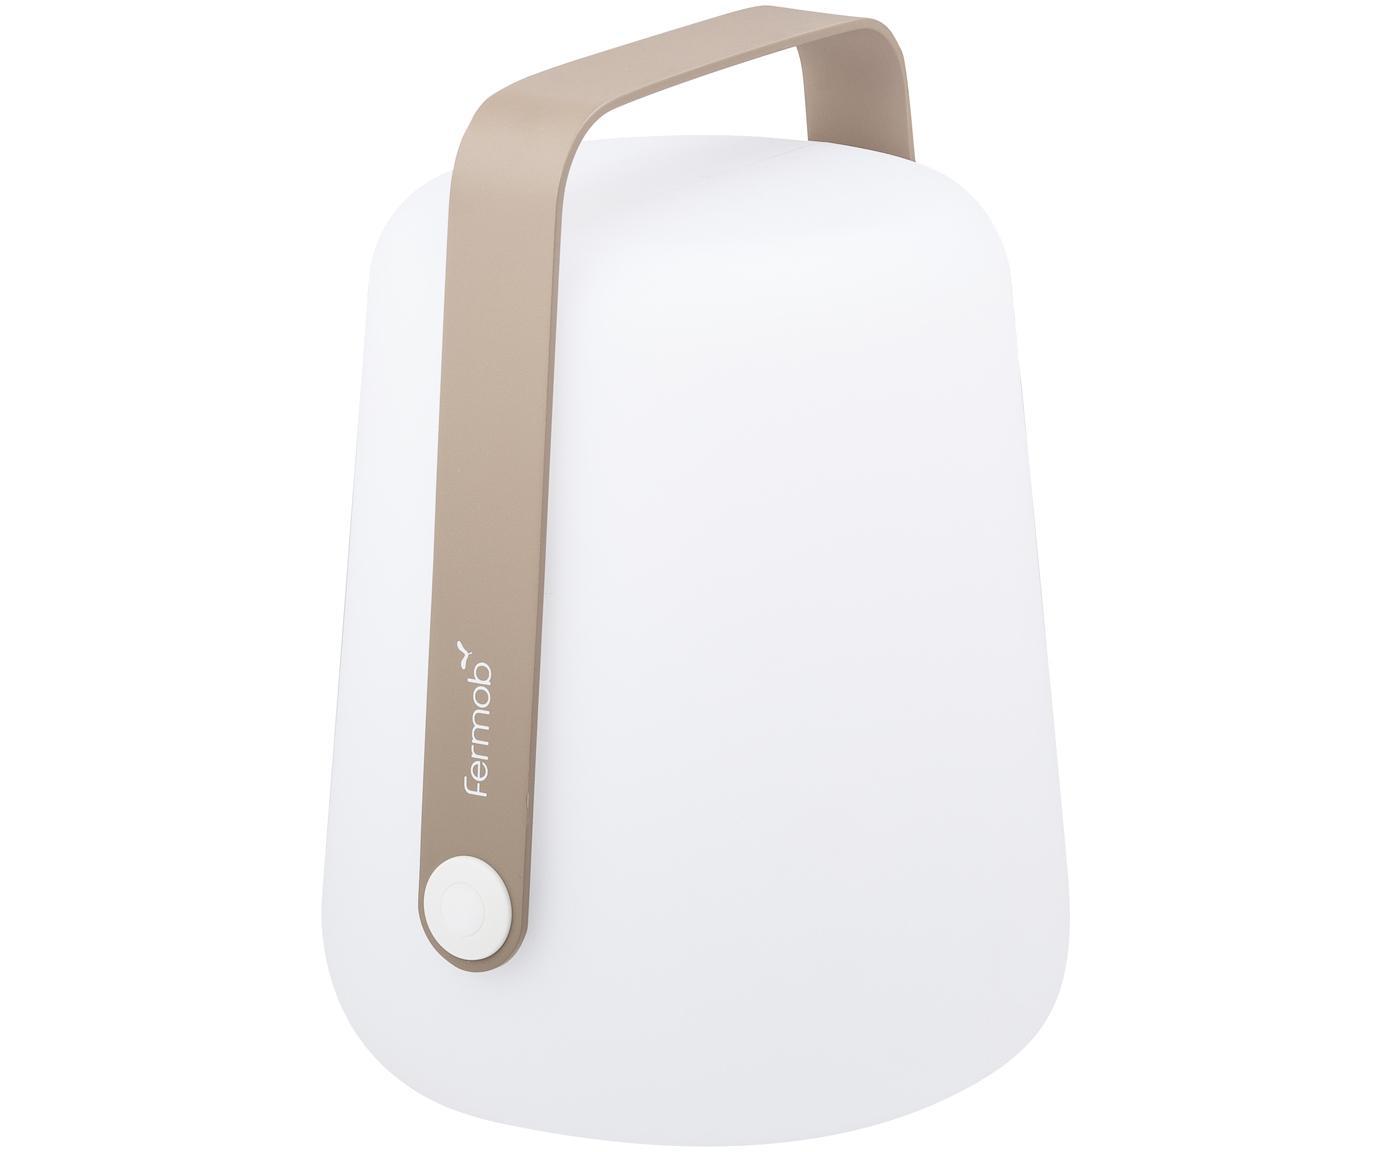 Mobile LED Außenleuchte Balad, Lampenschirm: Polyethen, für den Außenb, Griff: Aluminium, lackiert, Muskatbraun, Ø 19 x H 25 cm